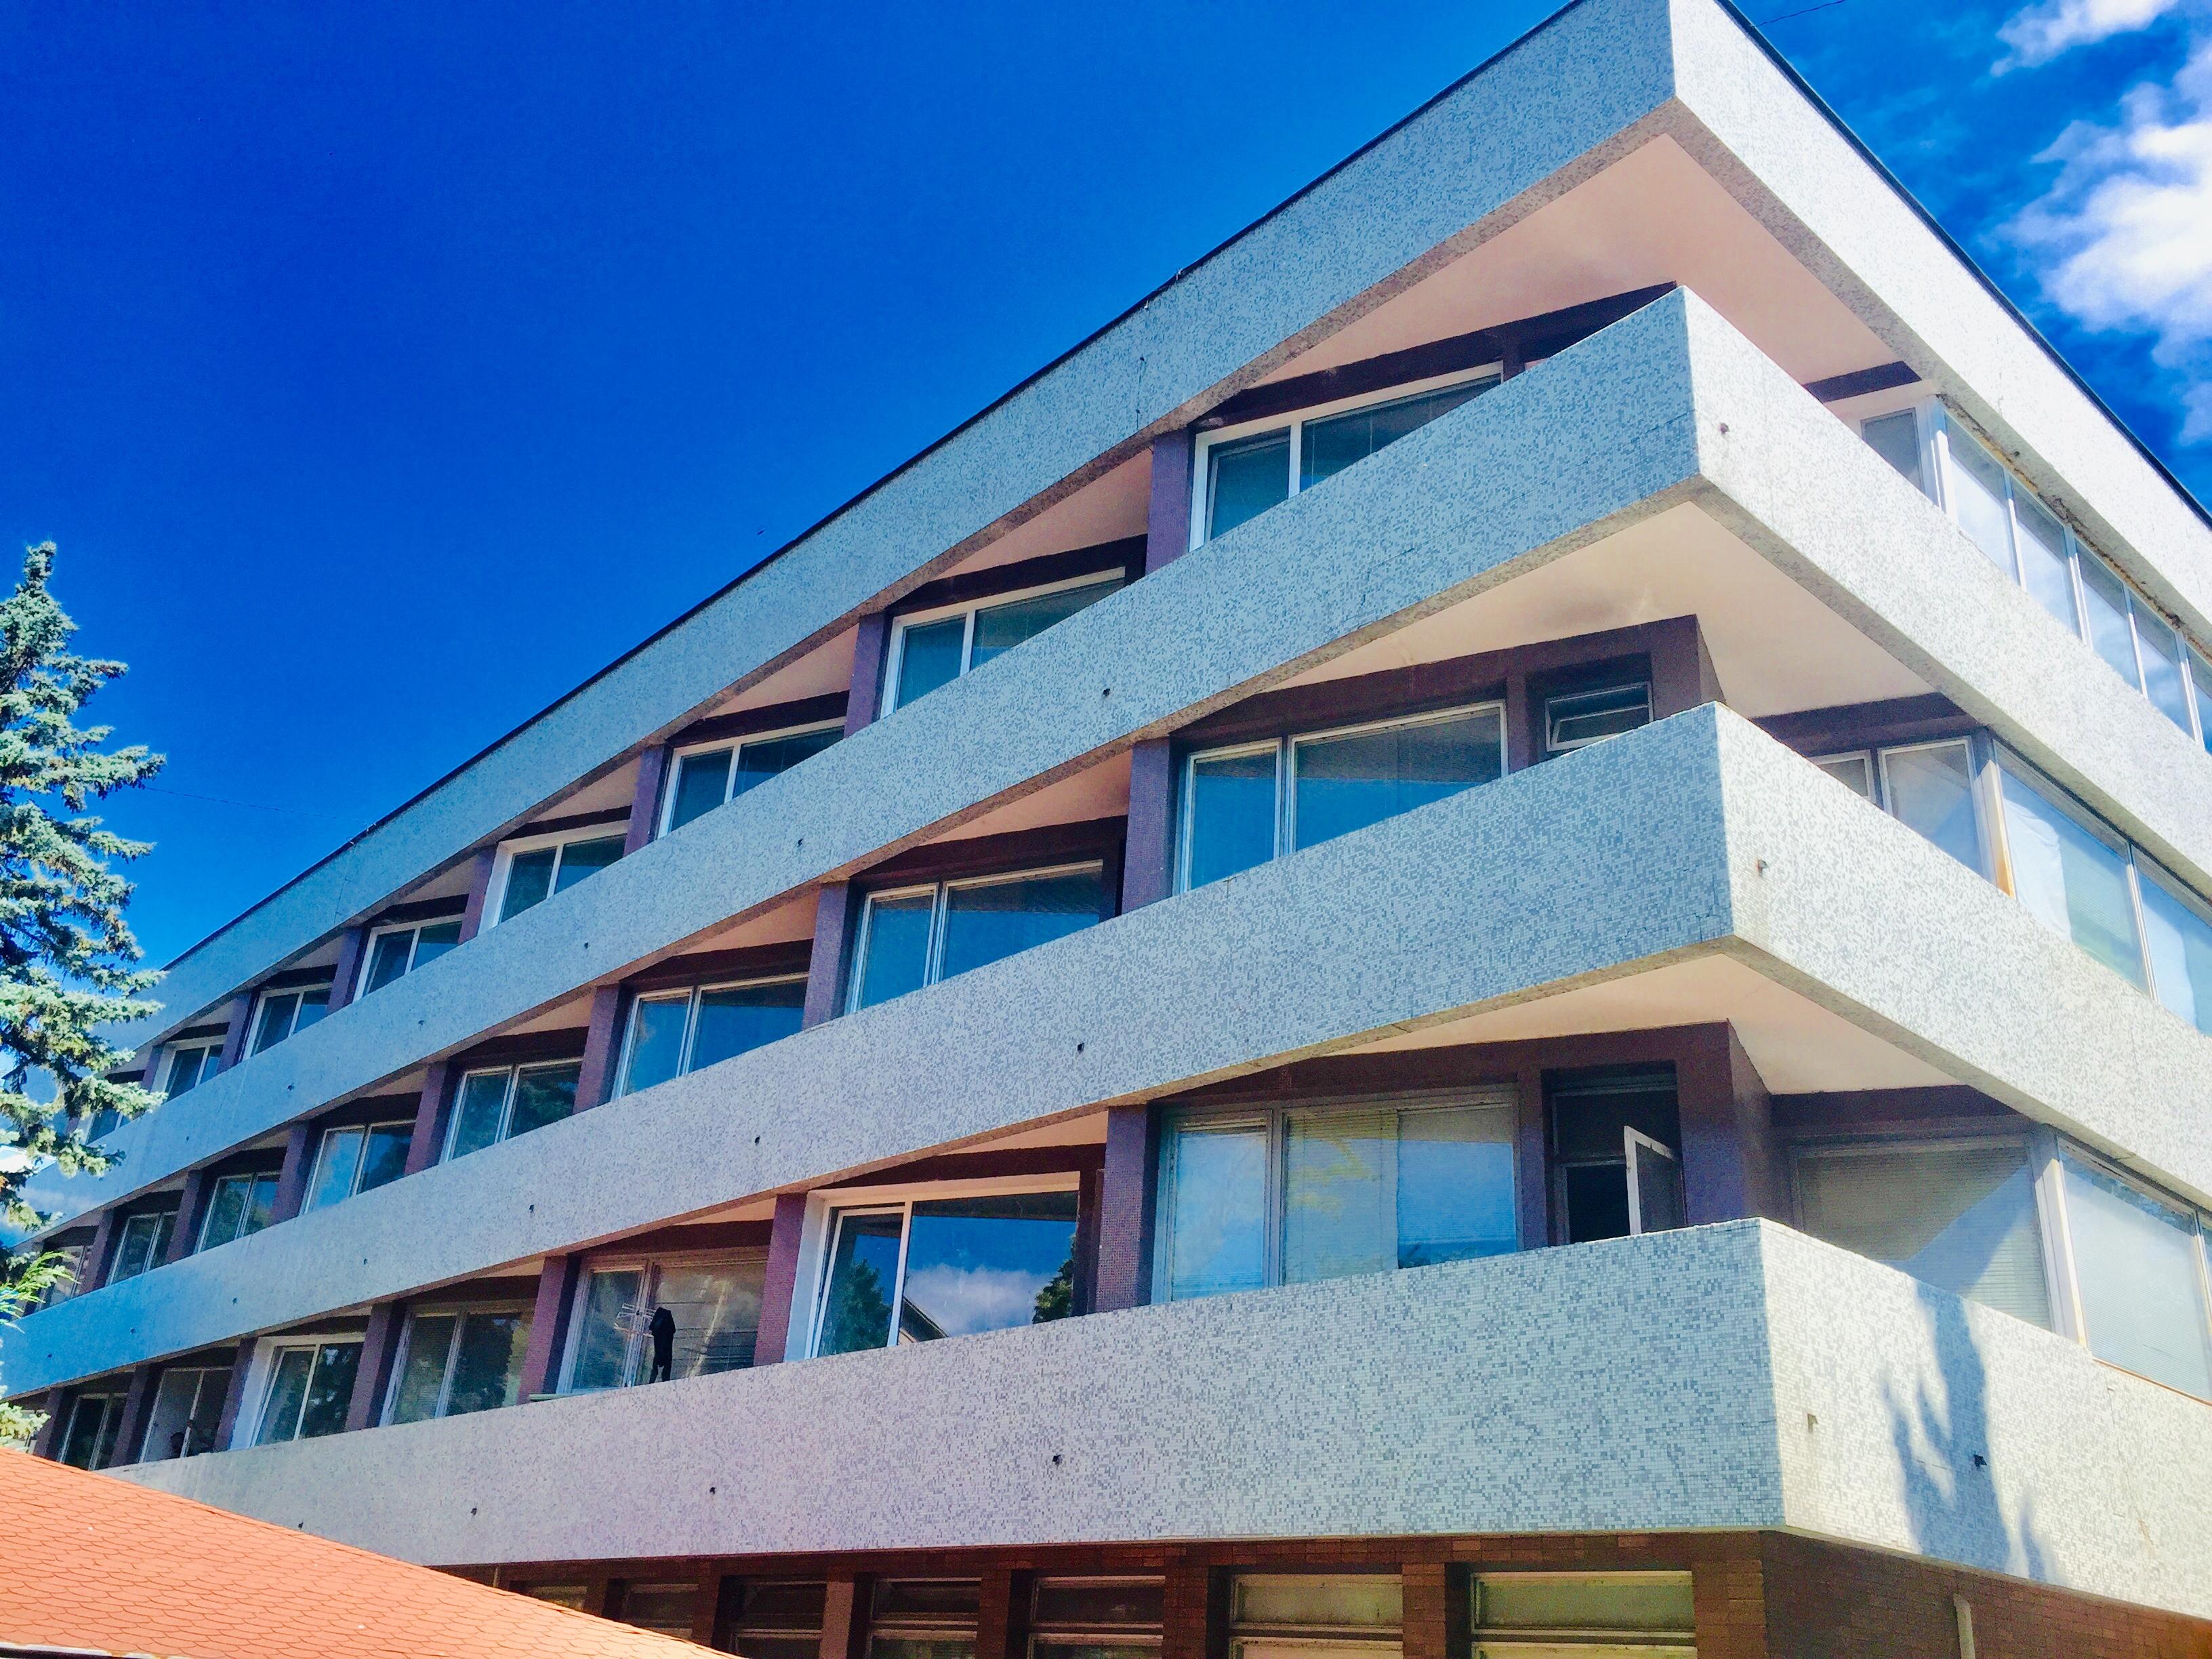 Kompletná rekonštrukcia okien a stien v nemocnici Podunajské Biskupice